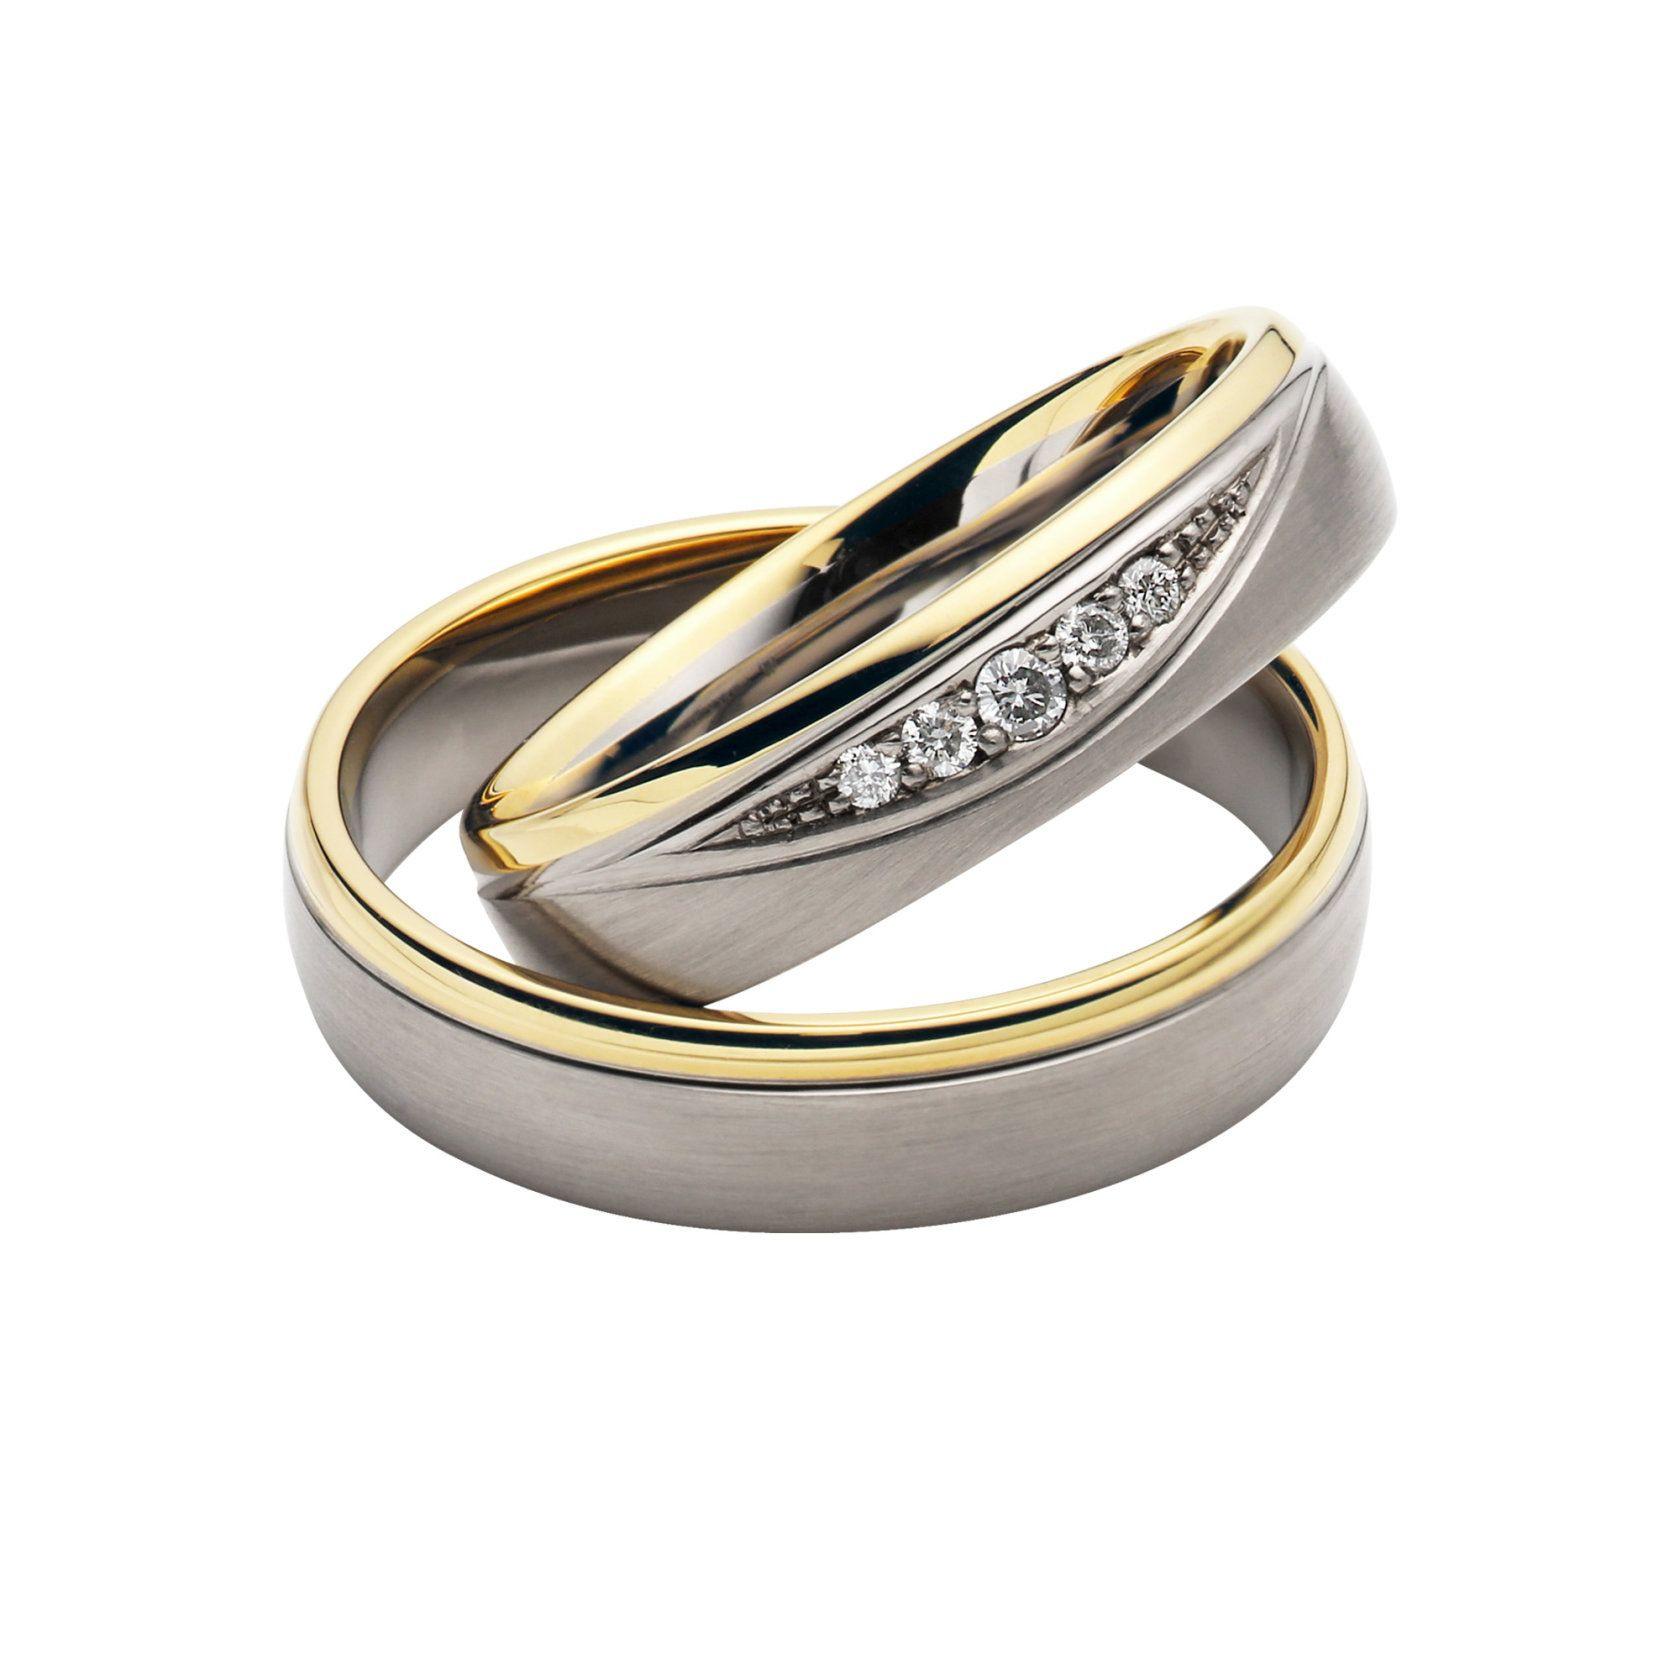 Juwelier Kraemer Trauringe Wien | Trauringe, Juwelier Und